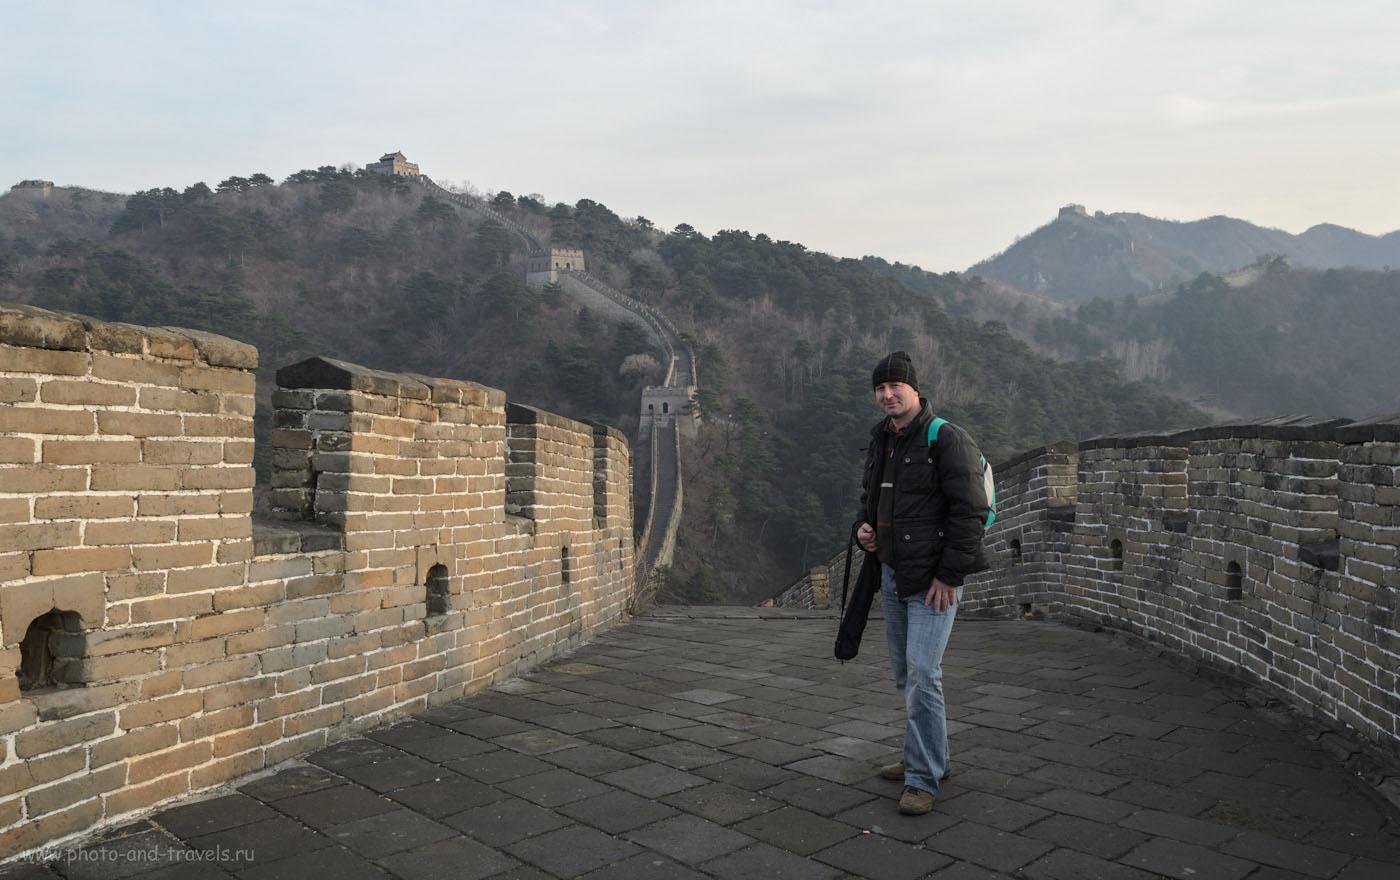 Фотография 5. На участке Мутяньюй (Mutianyu Great Wall) бродят только российские туристы. Отзыв об экскурсии на Китайскую стену из Пекина. Самостоятельная поездка в Китай в ноябре 2011 года.